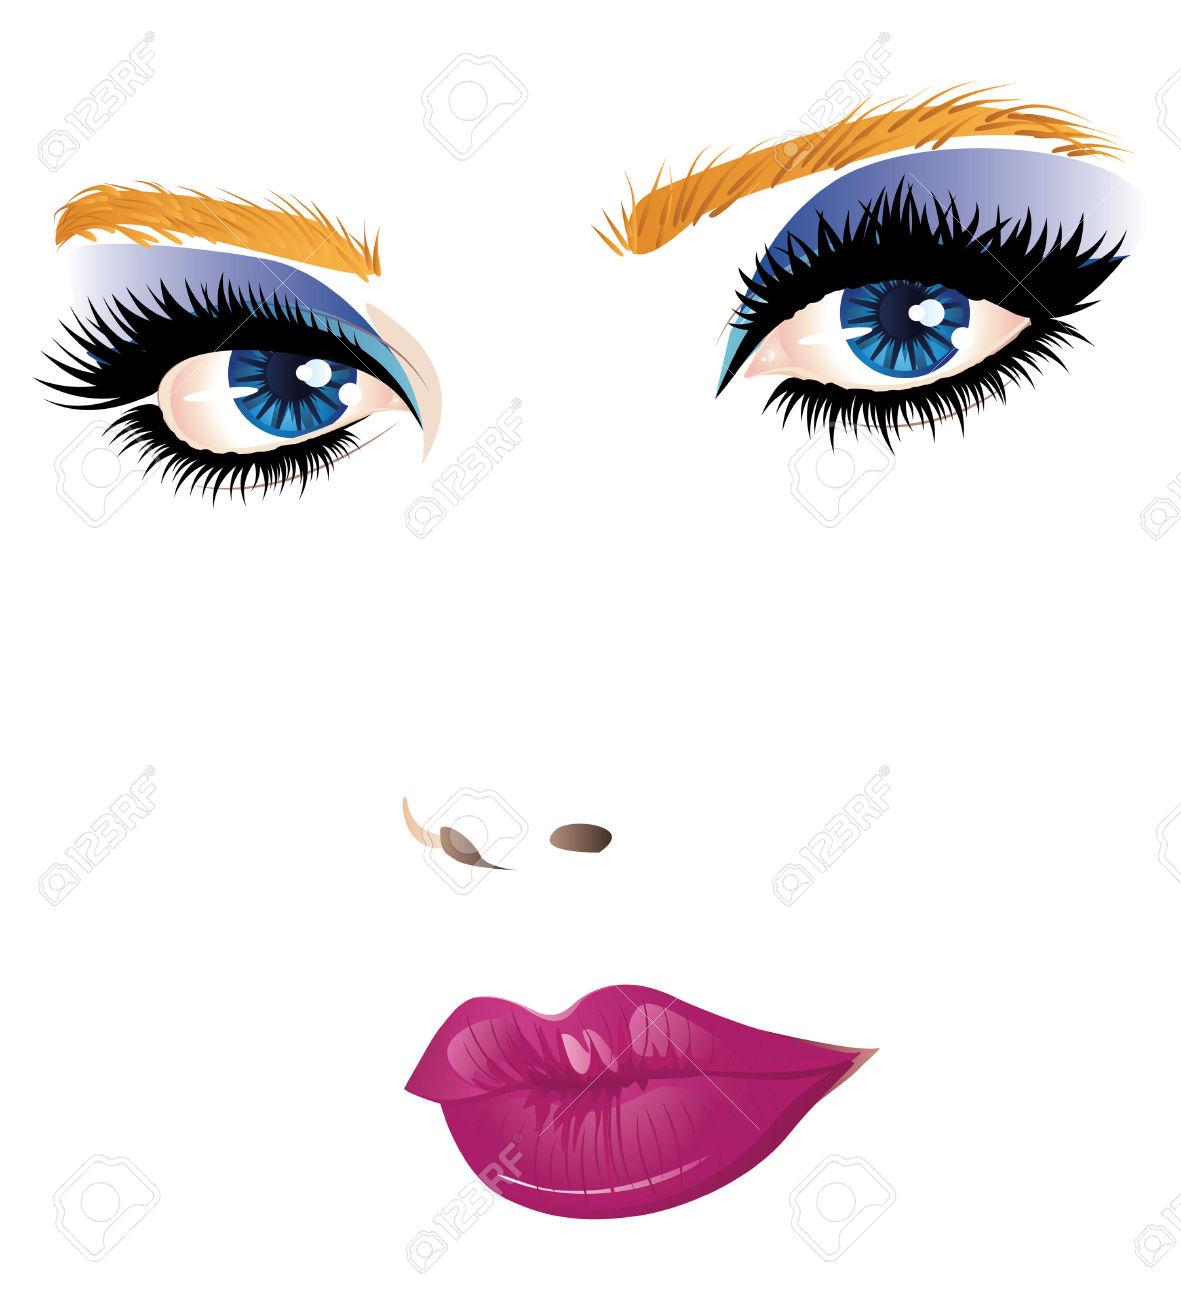 Beauty girl clipart jpg library model makeup: Beauty girl face | Clipart Panda - Free Clipart Images jpg library